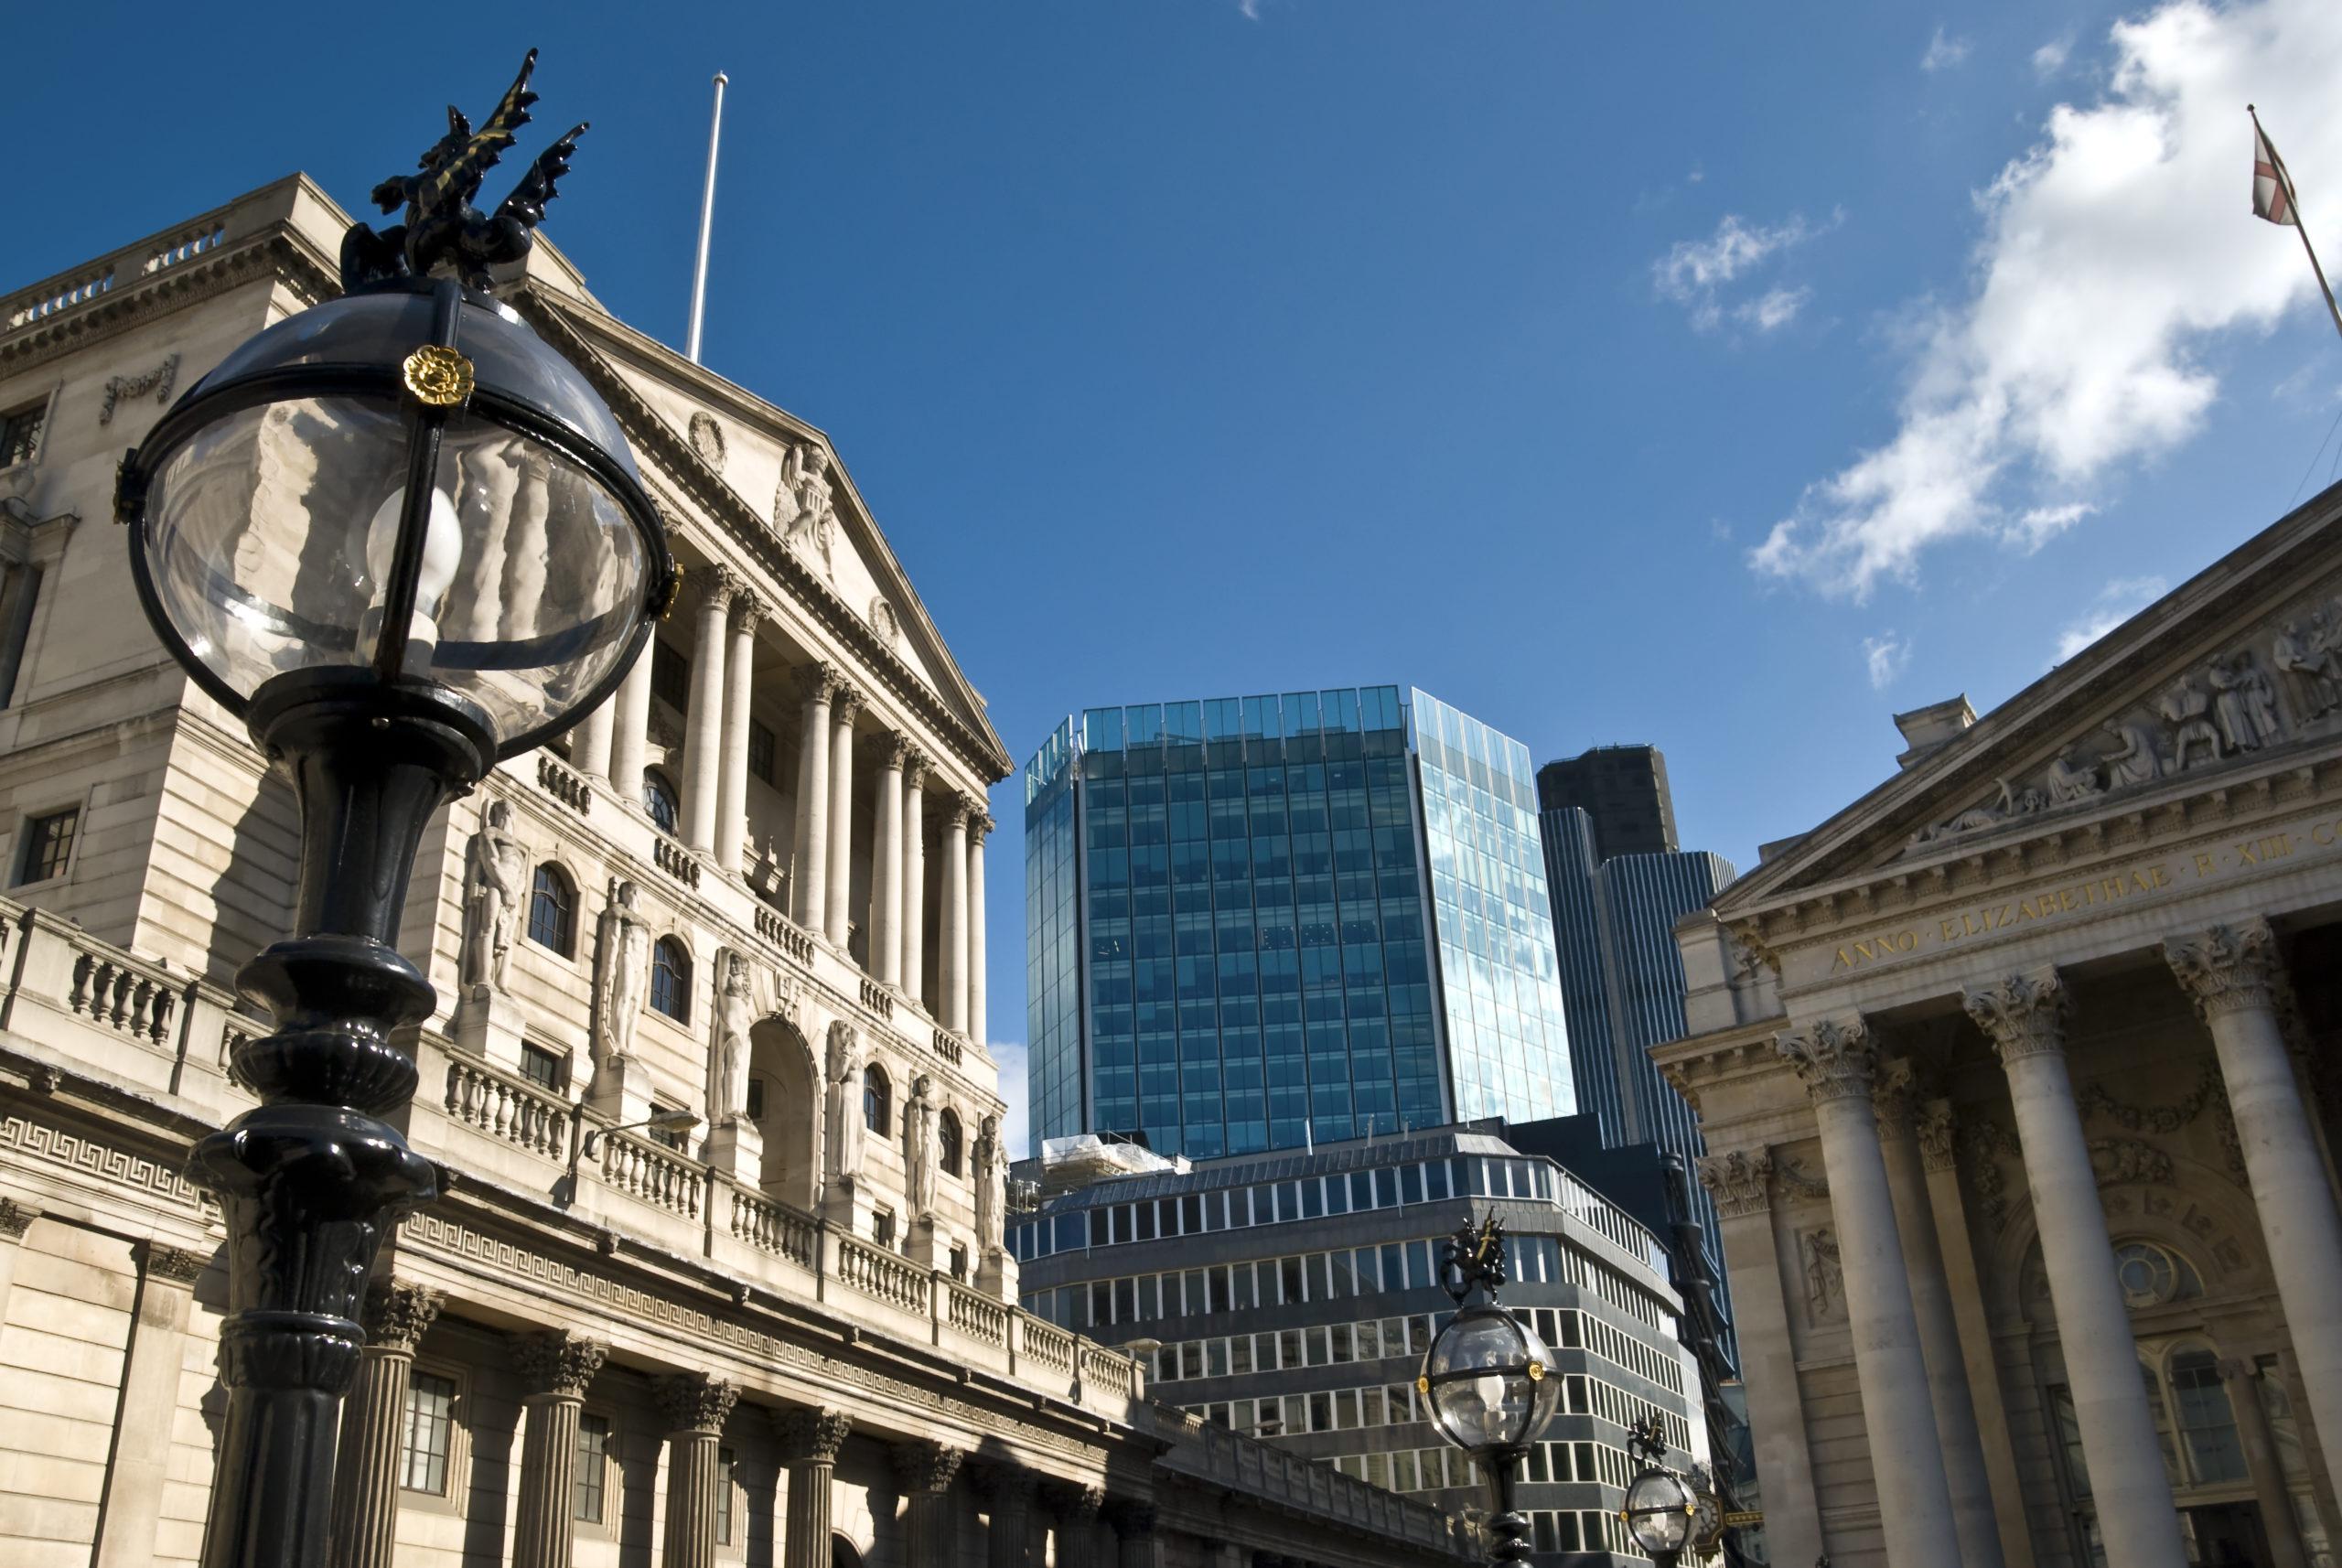 18/03 – Bank of England meeting at noon